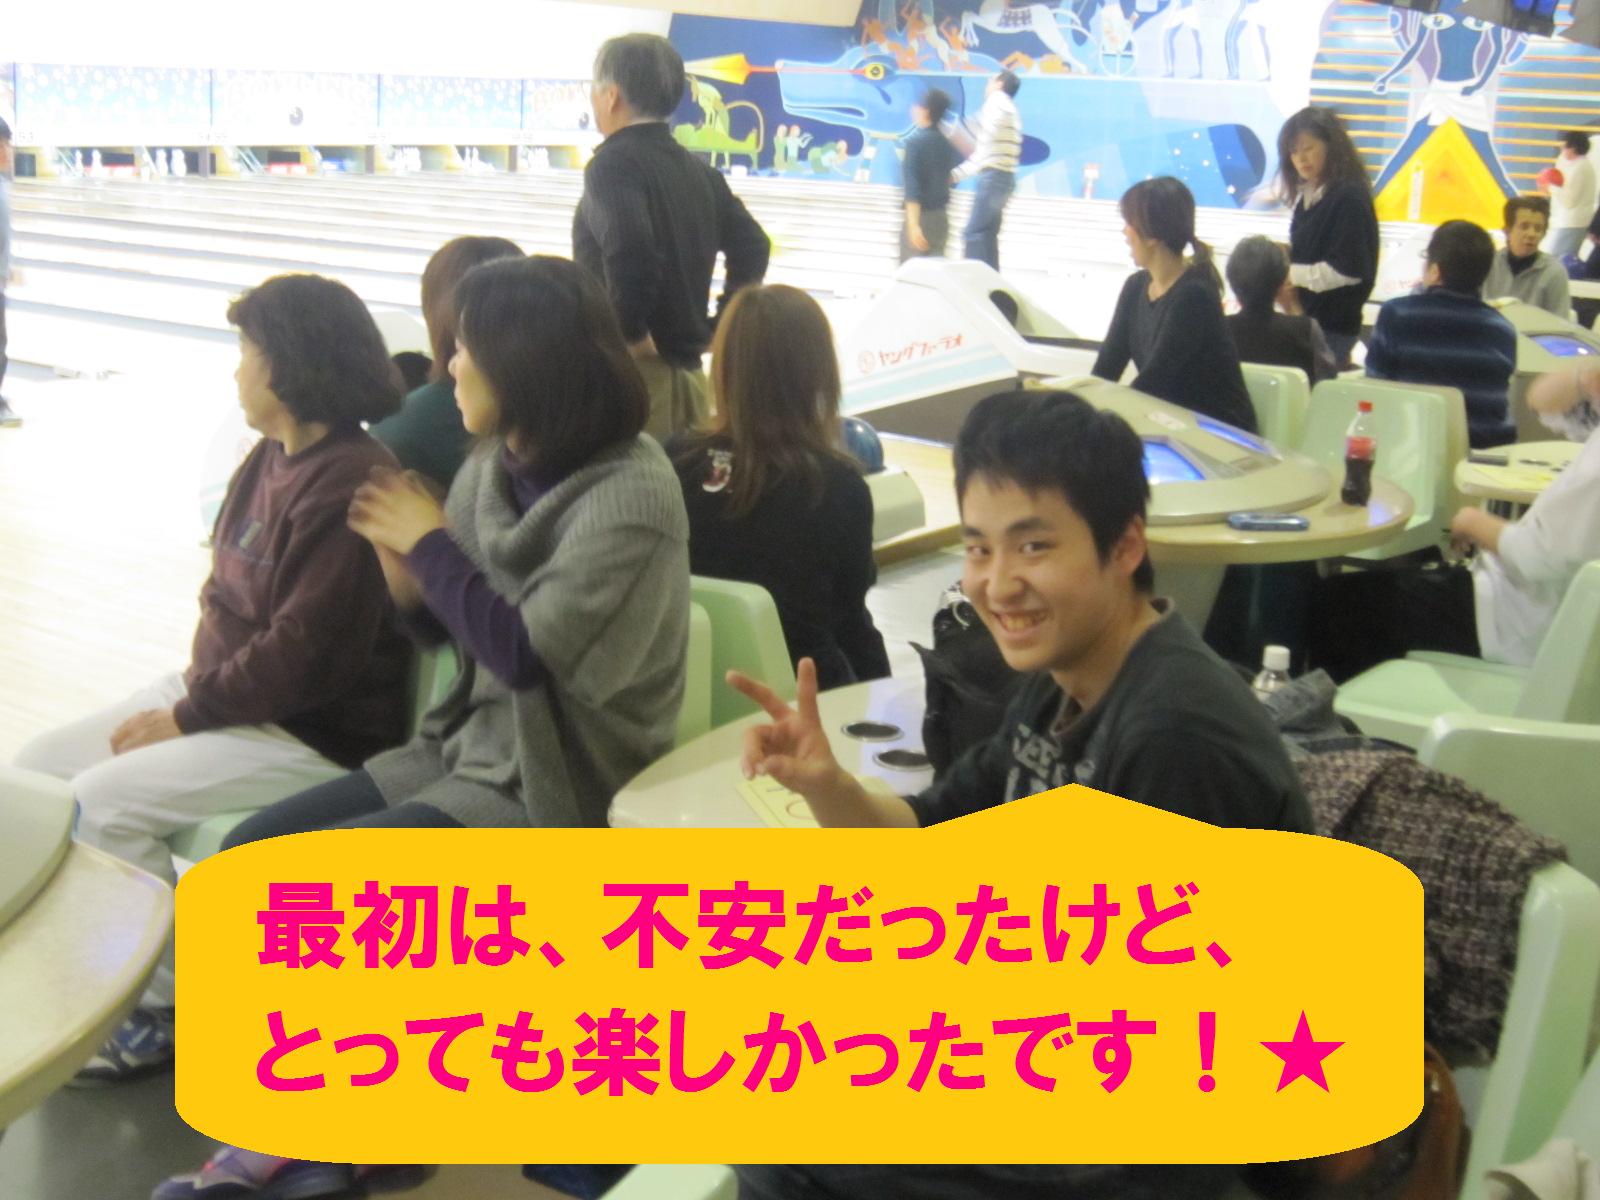 ボーリング大会*.png